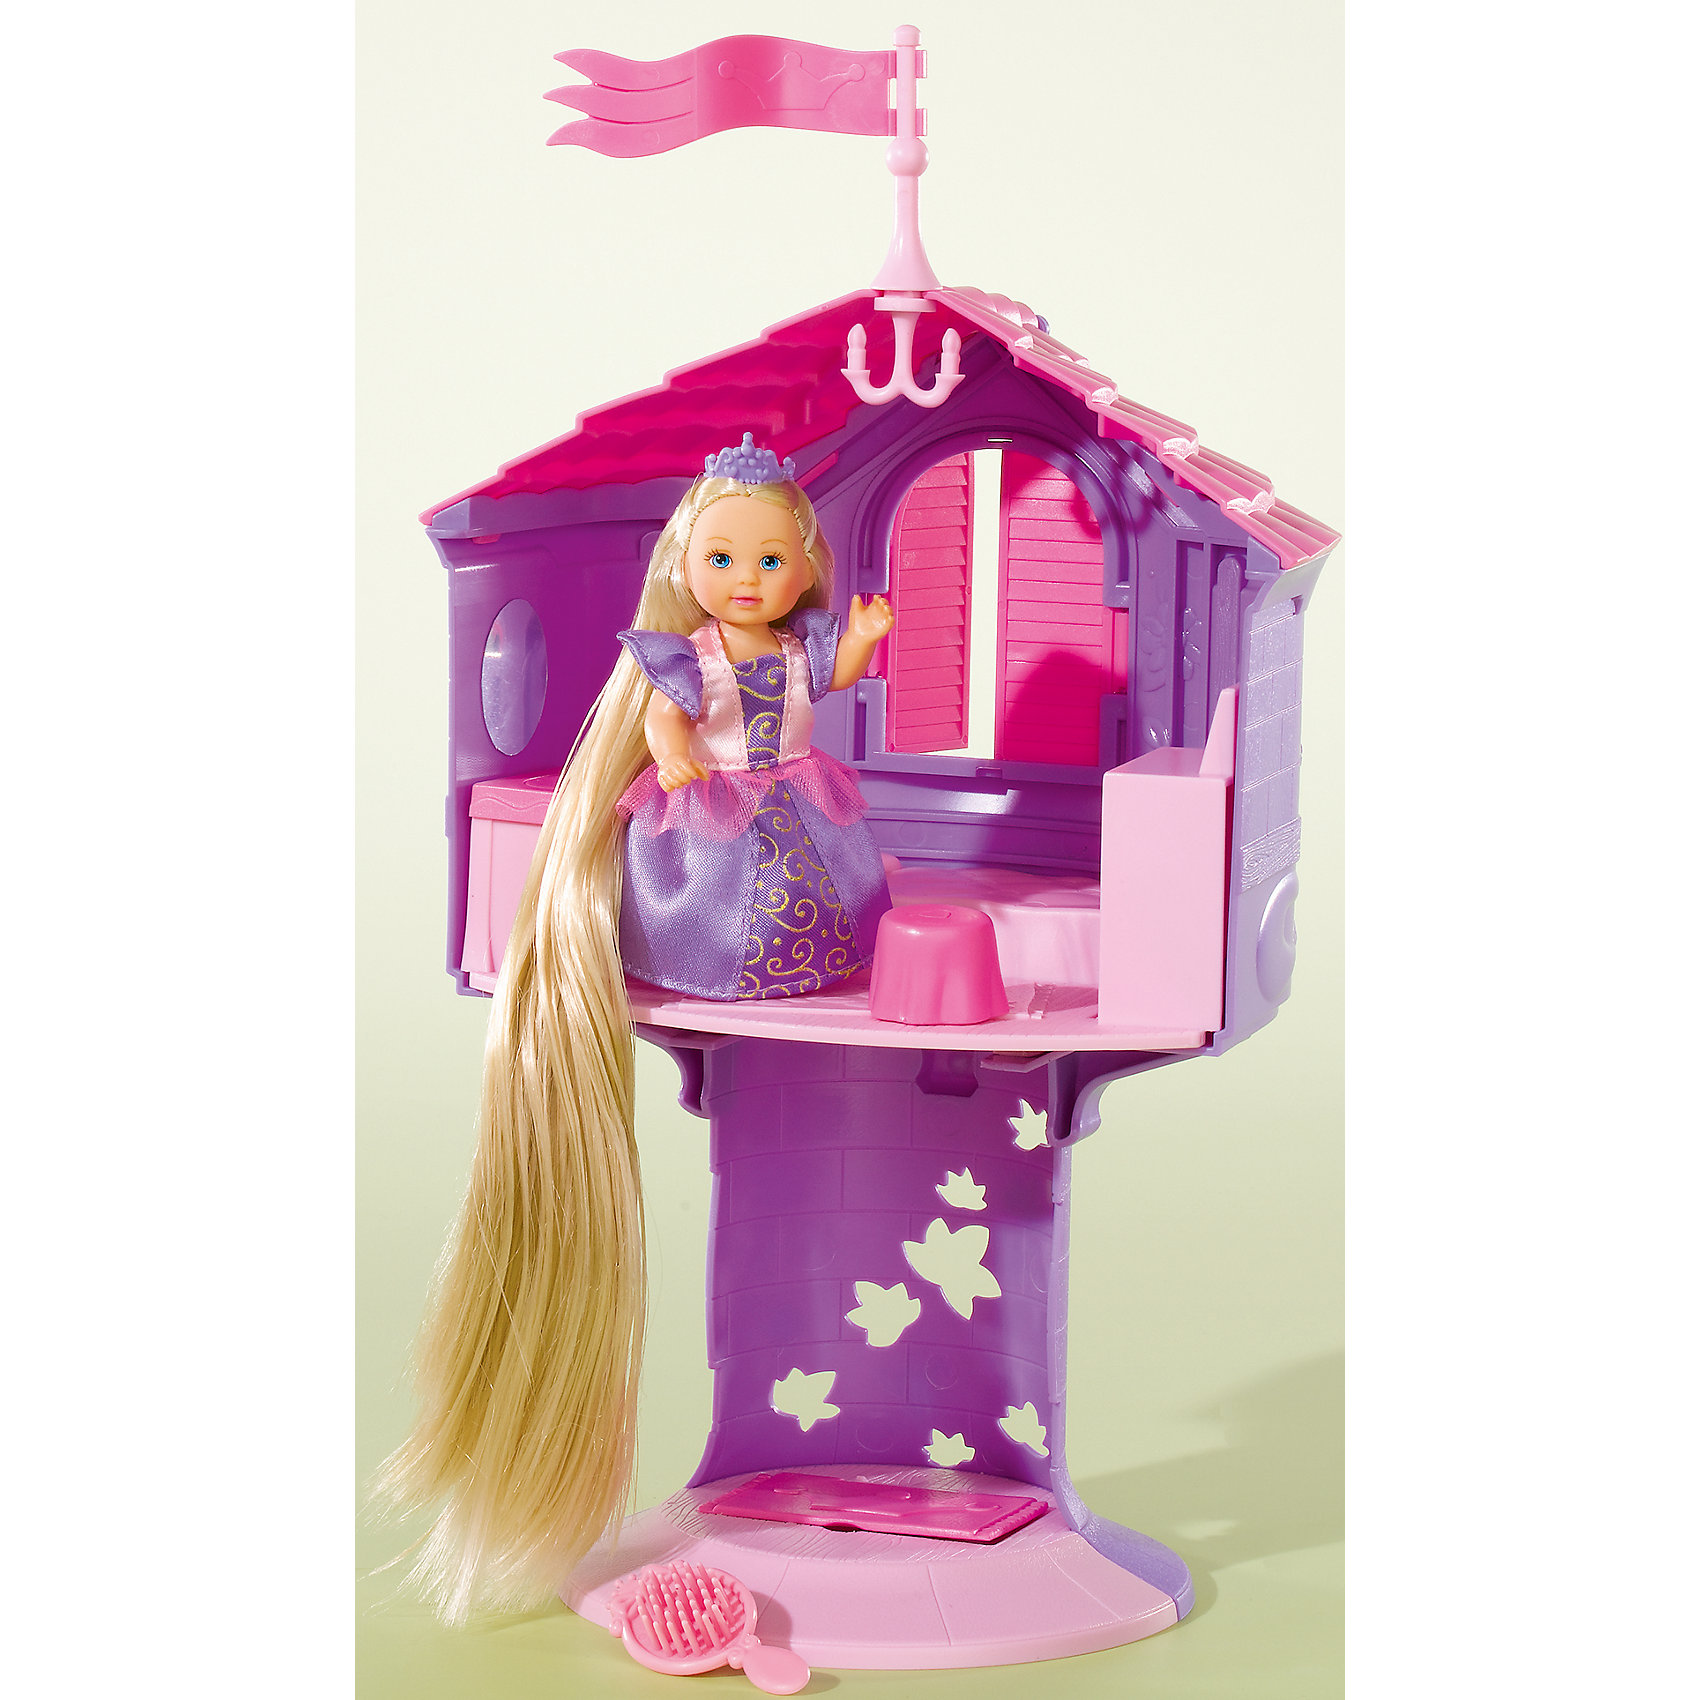 Кукла с длинными волосами в сказочной башне ЕвиМини-куклы<br>Девочки обожают принцесс и сказки. Кукла Еви с длинными, как у Рапунцель, волосами, приведет в восторг любую девочку! В дополнение к ней в набор включен волшебный замок.<br>Этот набор обязательно порадует ребенка! Он станет отличным подарком и поможет девочке развивать свою фантазию и мелкую моторику. Кукла и башня сделаны из качественных и безопасных для ребенка материалов.<br><br>Дополнительная информация:<br><br>цвет: разноцветный;<br>высота башни: 32 см;<br>вес набора: 850 г;<br>комплектация: кукла, башня;<br>материал: пластик.<br><br>Куклу с длинными волосами в сказочной башне Еви можно купить в нашем магазине.<br><br>Ширина мм: 150<br>Глубина мм: 330<br>Высота мм: 220<br>Вес г: 500<br>Возраст от месяцев: 36<br>Возраст до месяцев: 120<br>Пол: Женский<br>Возраст: Детский<br>SKU: 4915045